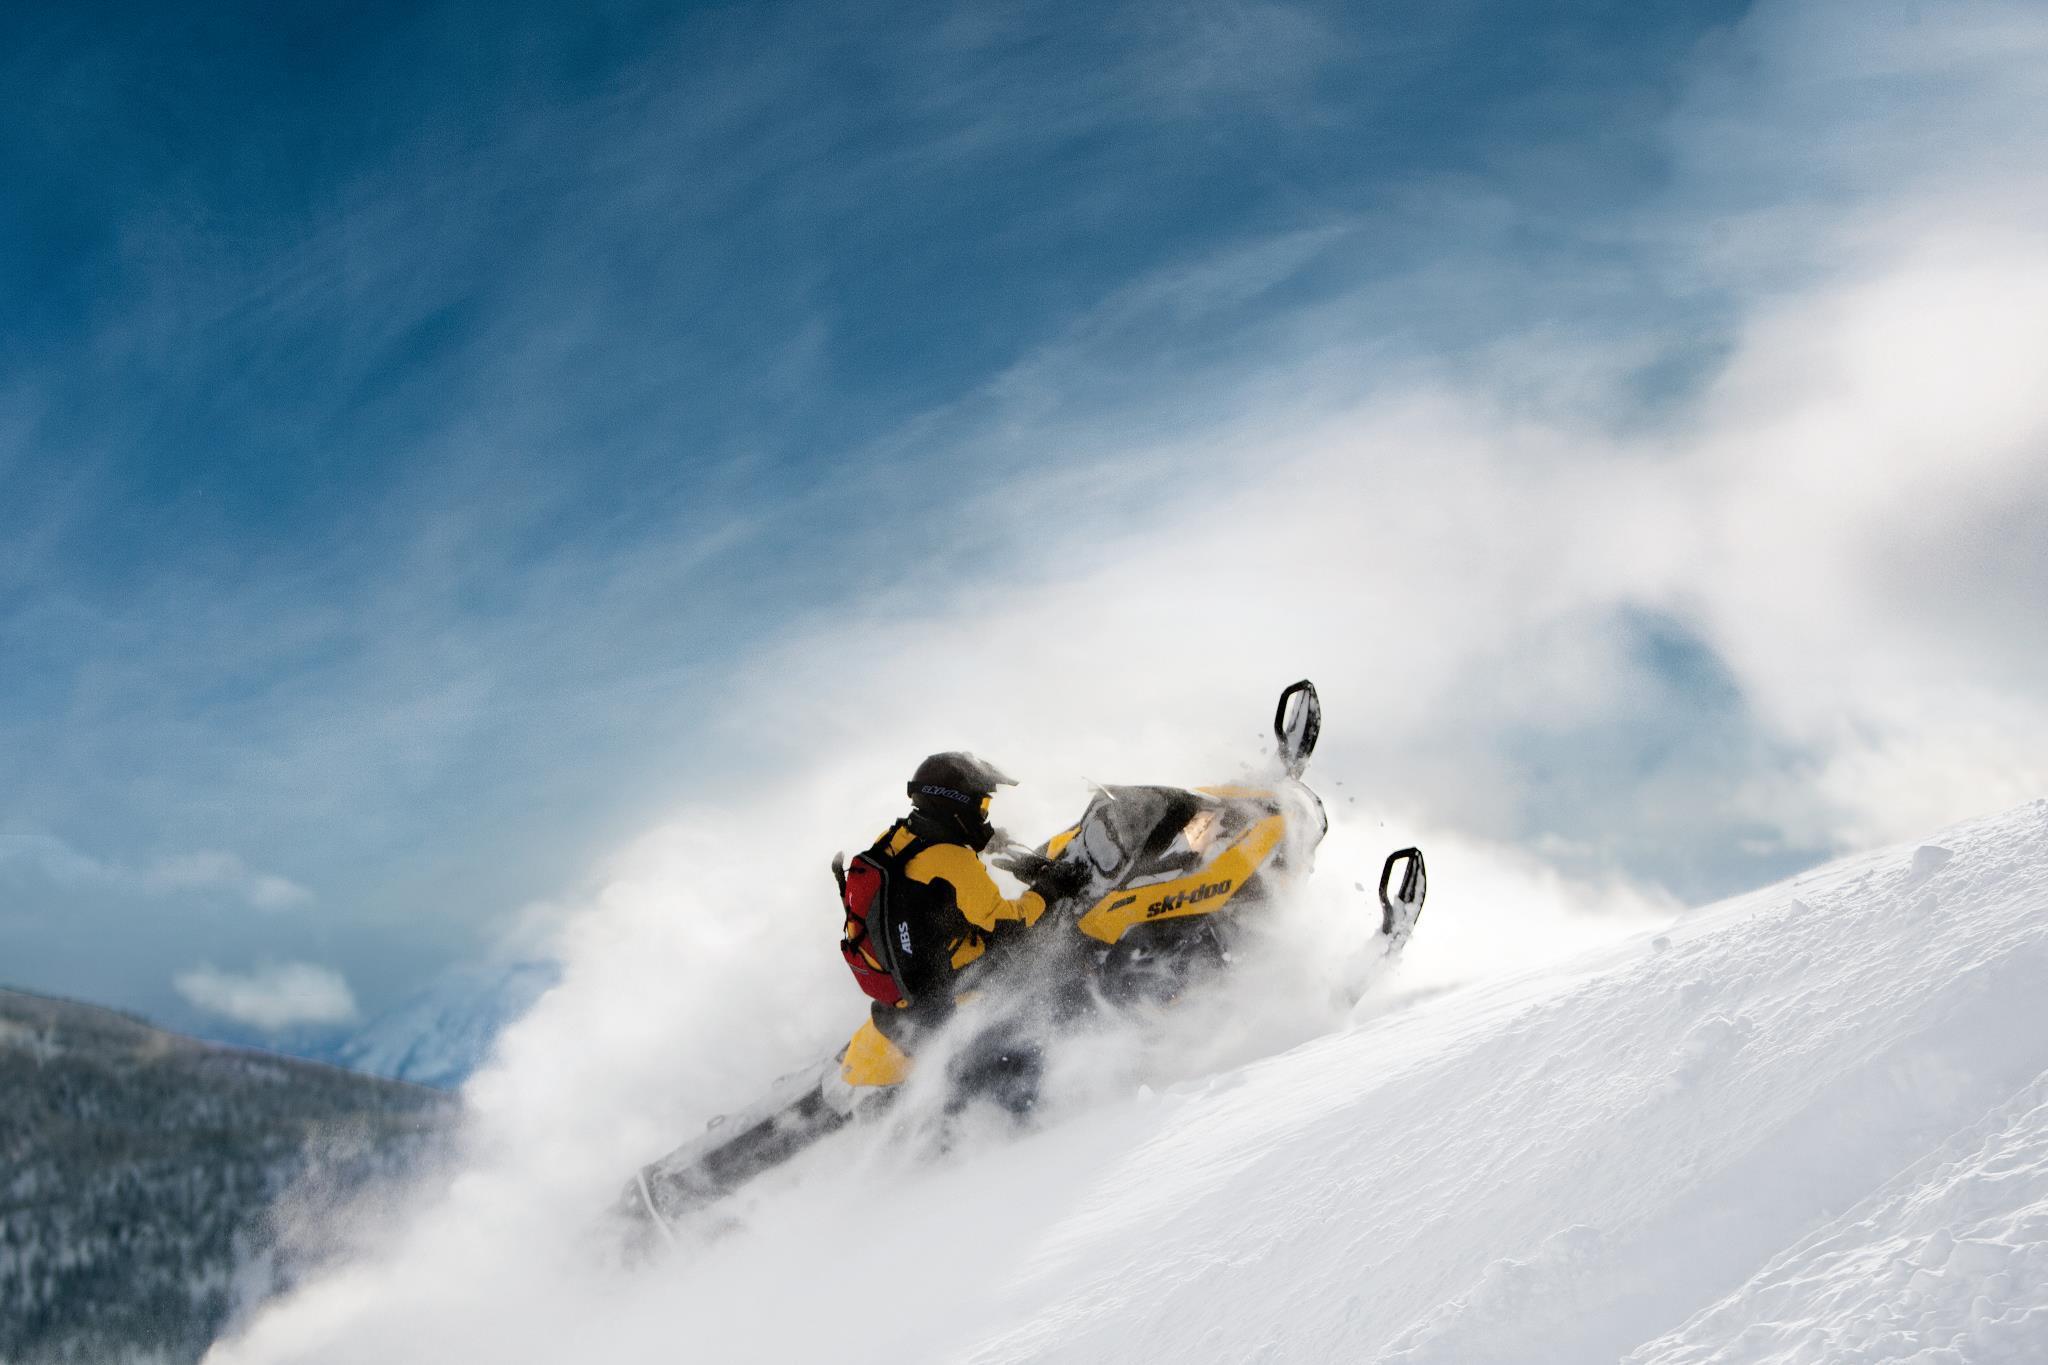 Как выбрать снаряжение и экипировку для езды на снегоходе в горах